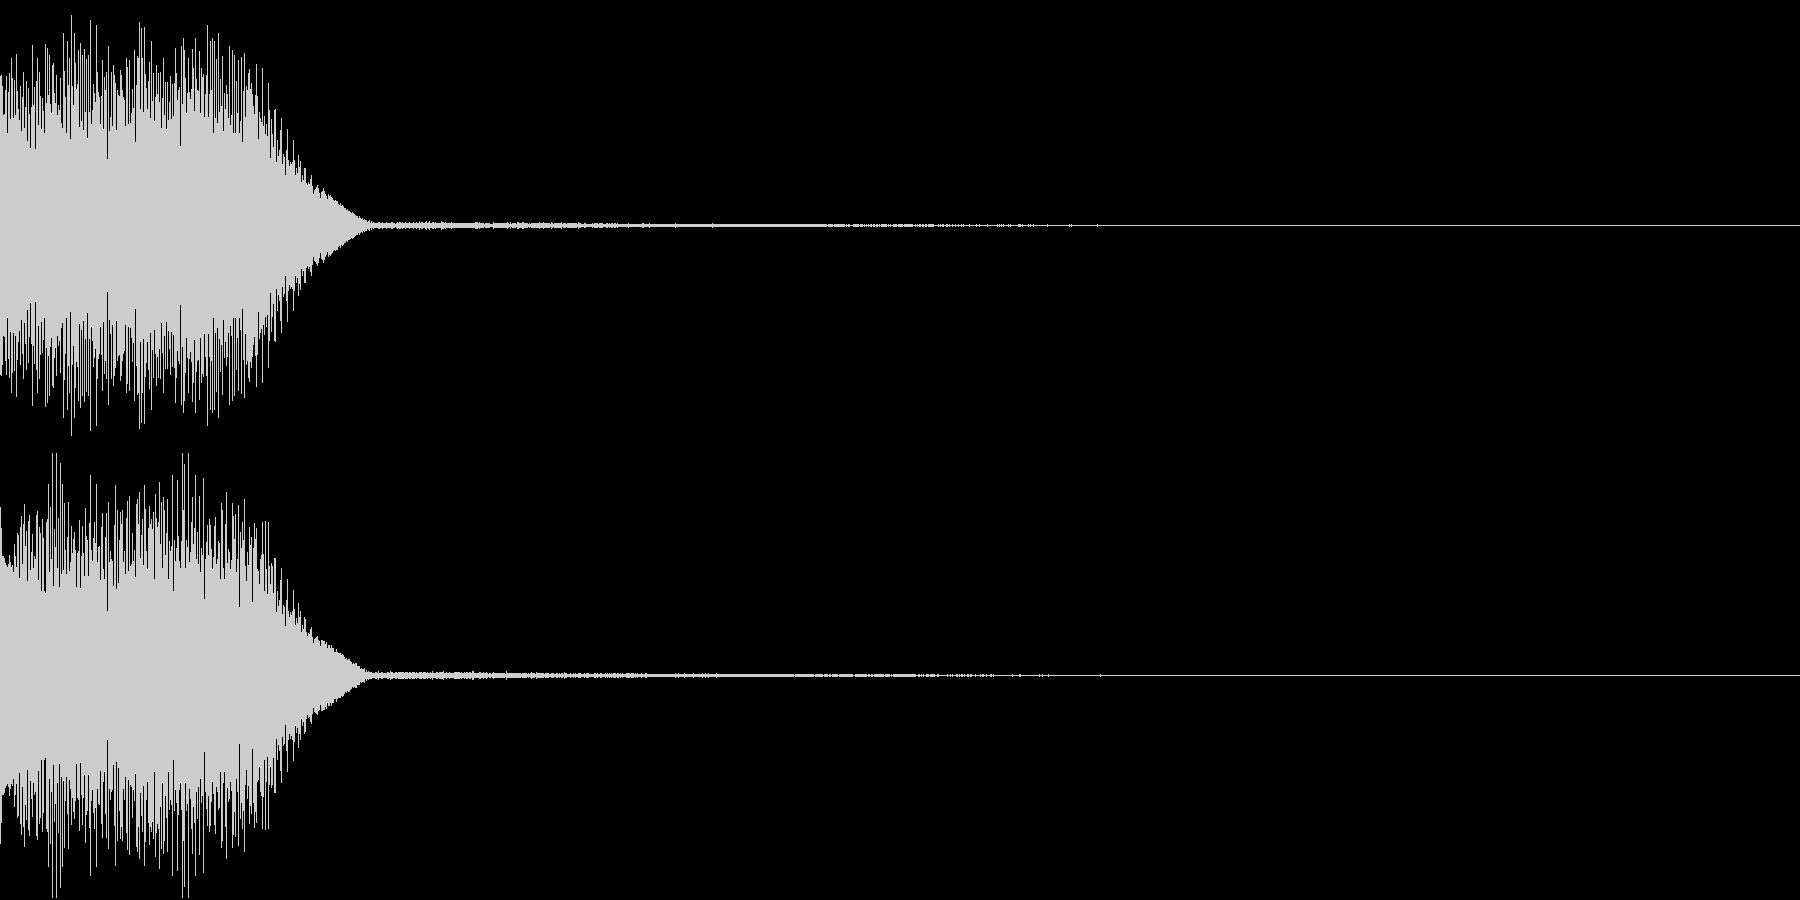 ボタン クリック コイン クレジット 9の未再生の波形